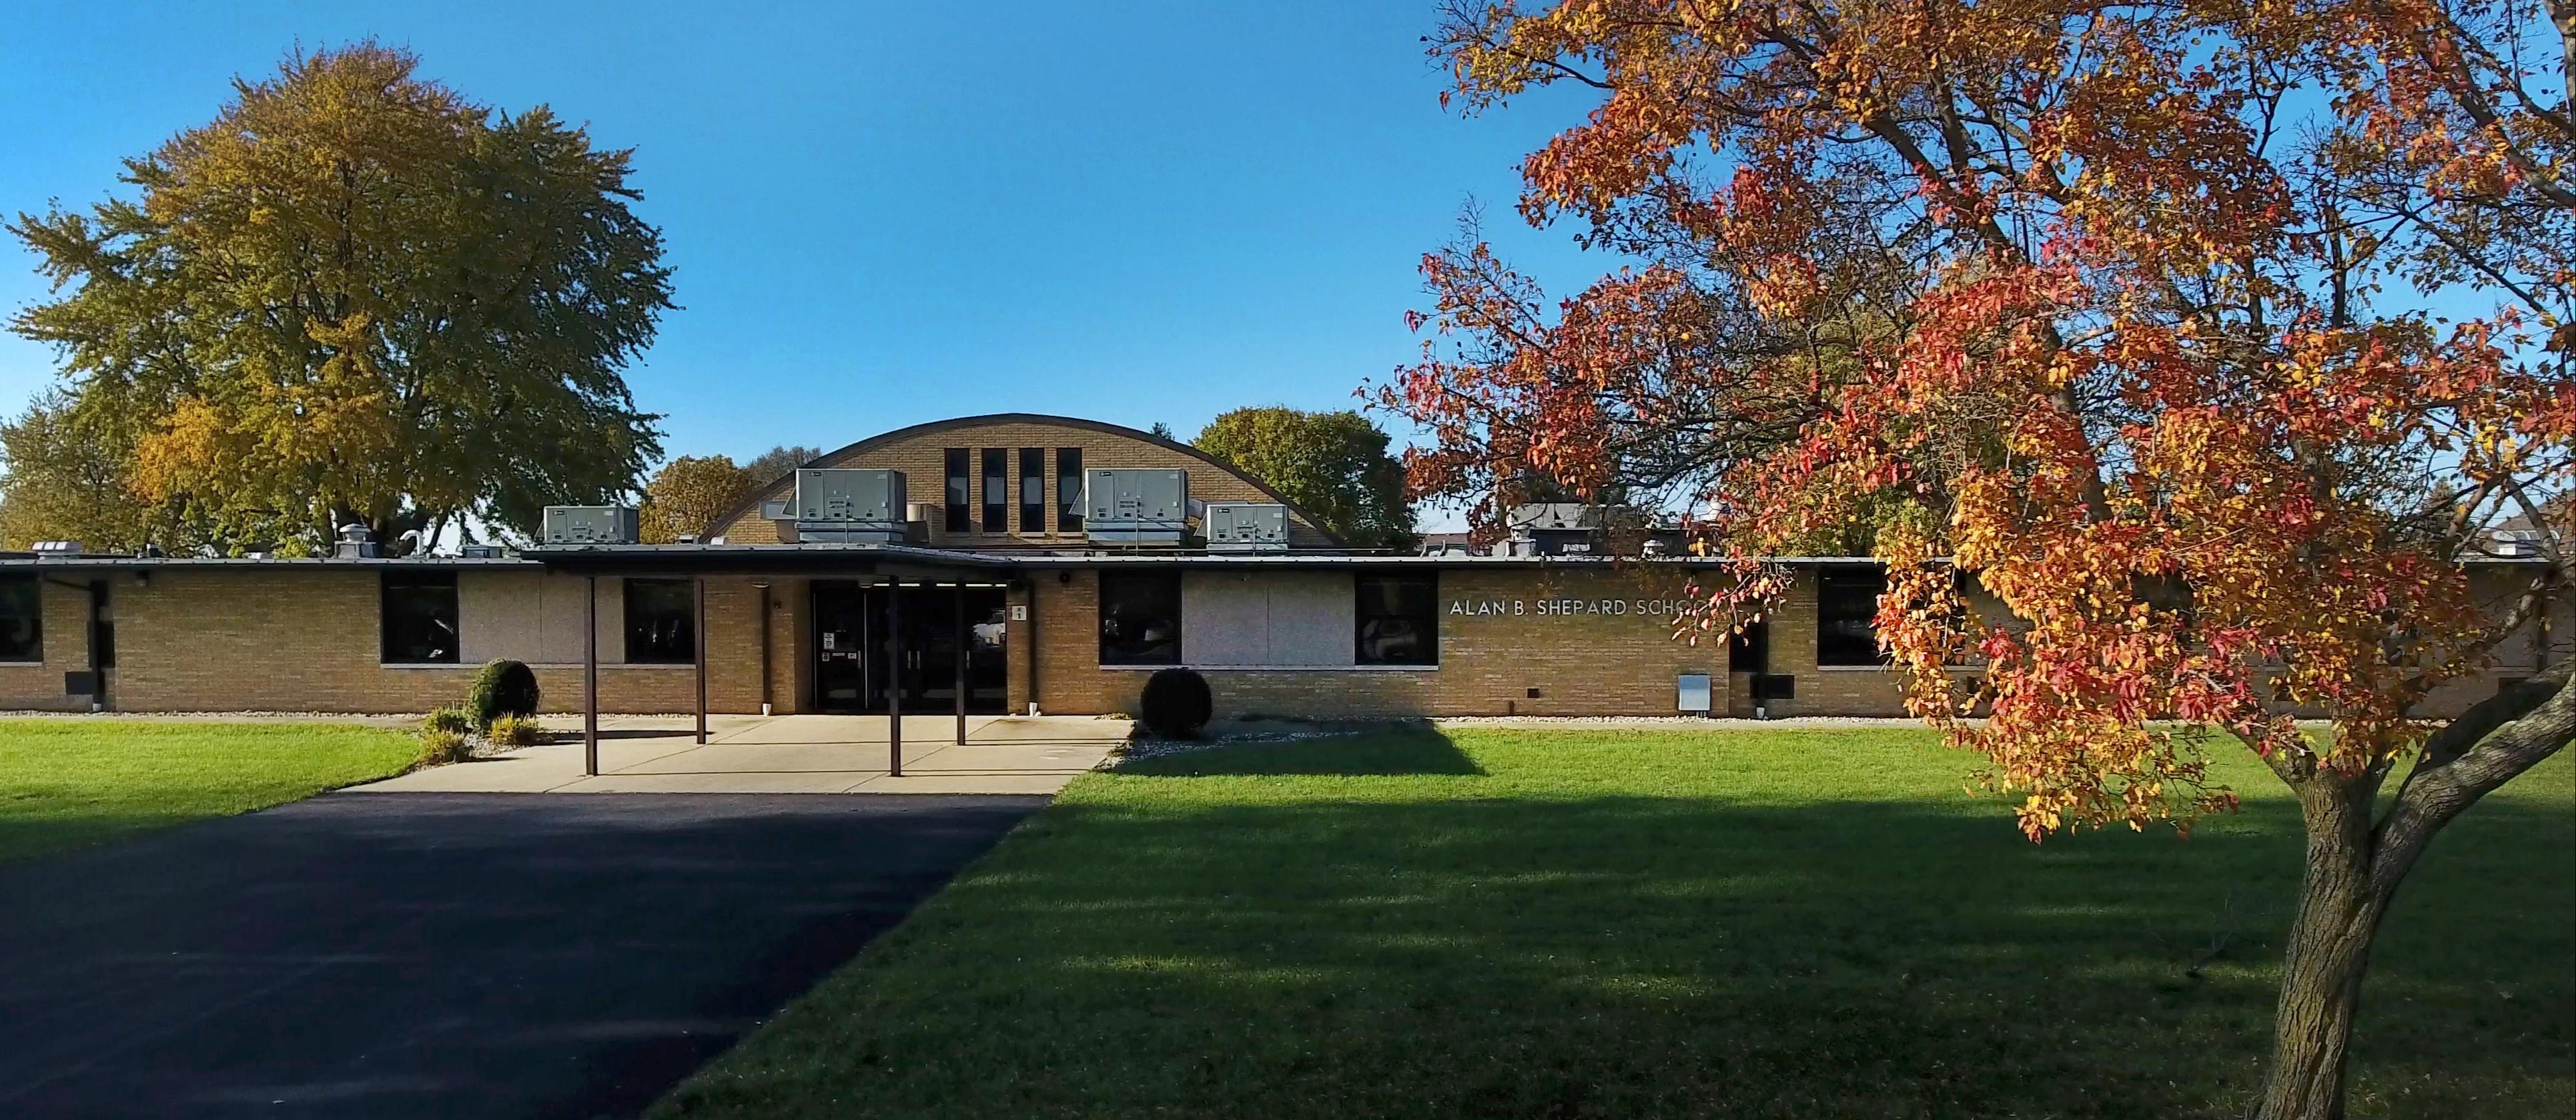 Image of Alan Shepard Campus